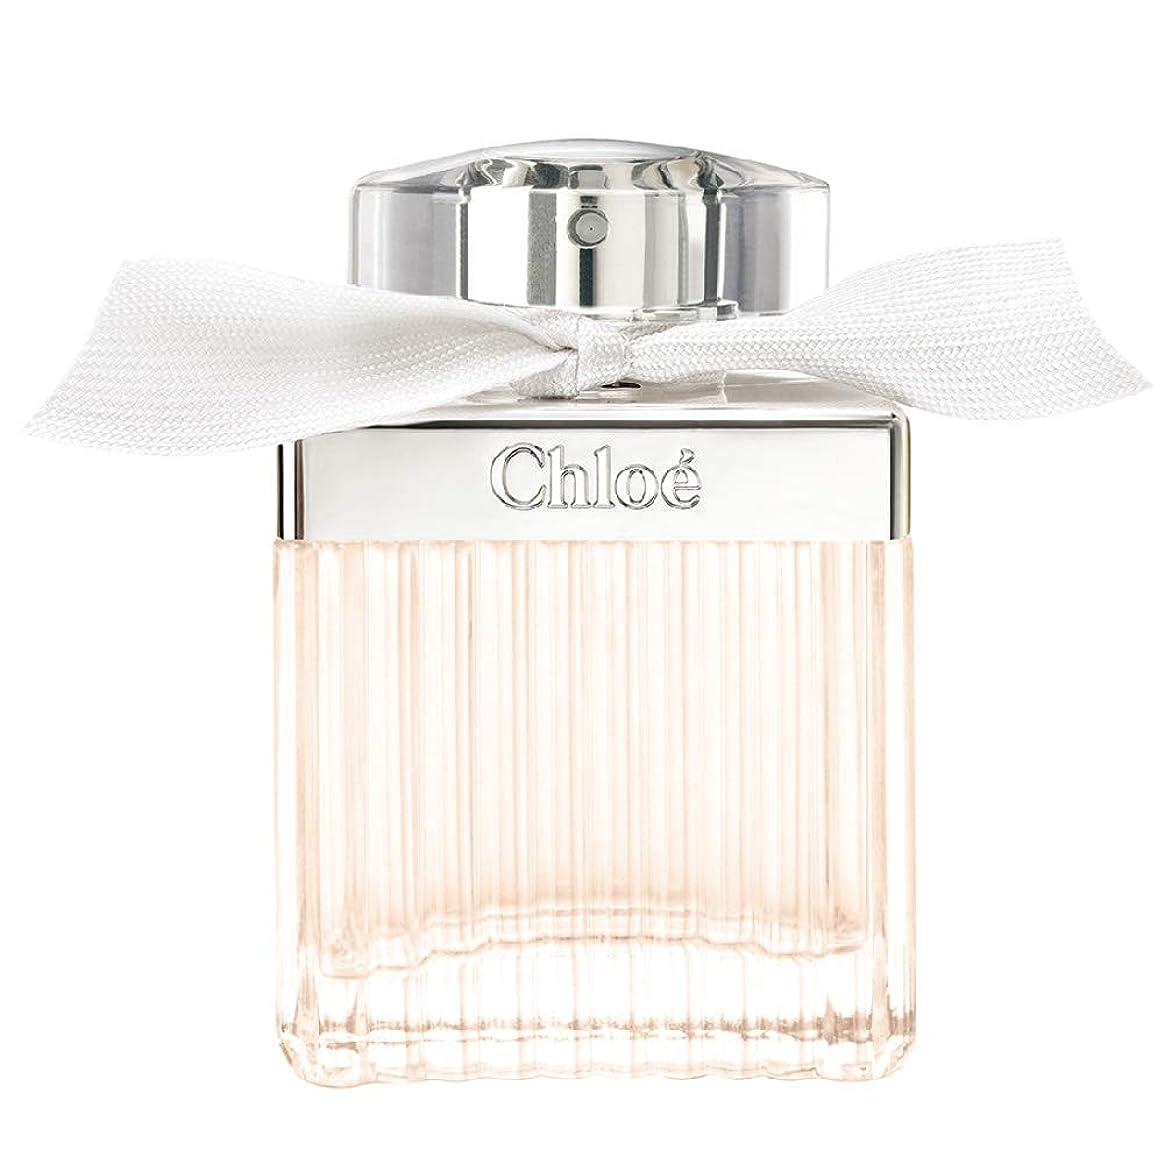 包括的学生教室クロエ chloe オードパルファム 75ml EDP レディース 香水 フレグランス 女性用 [並行輸入品]